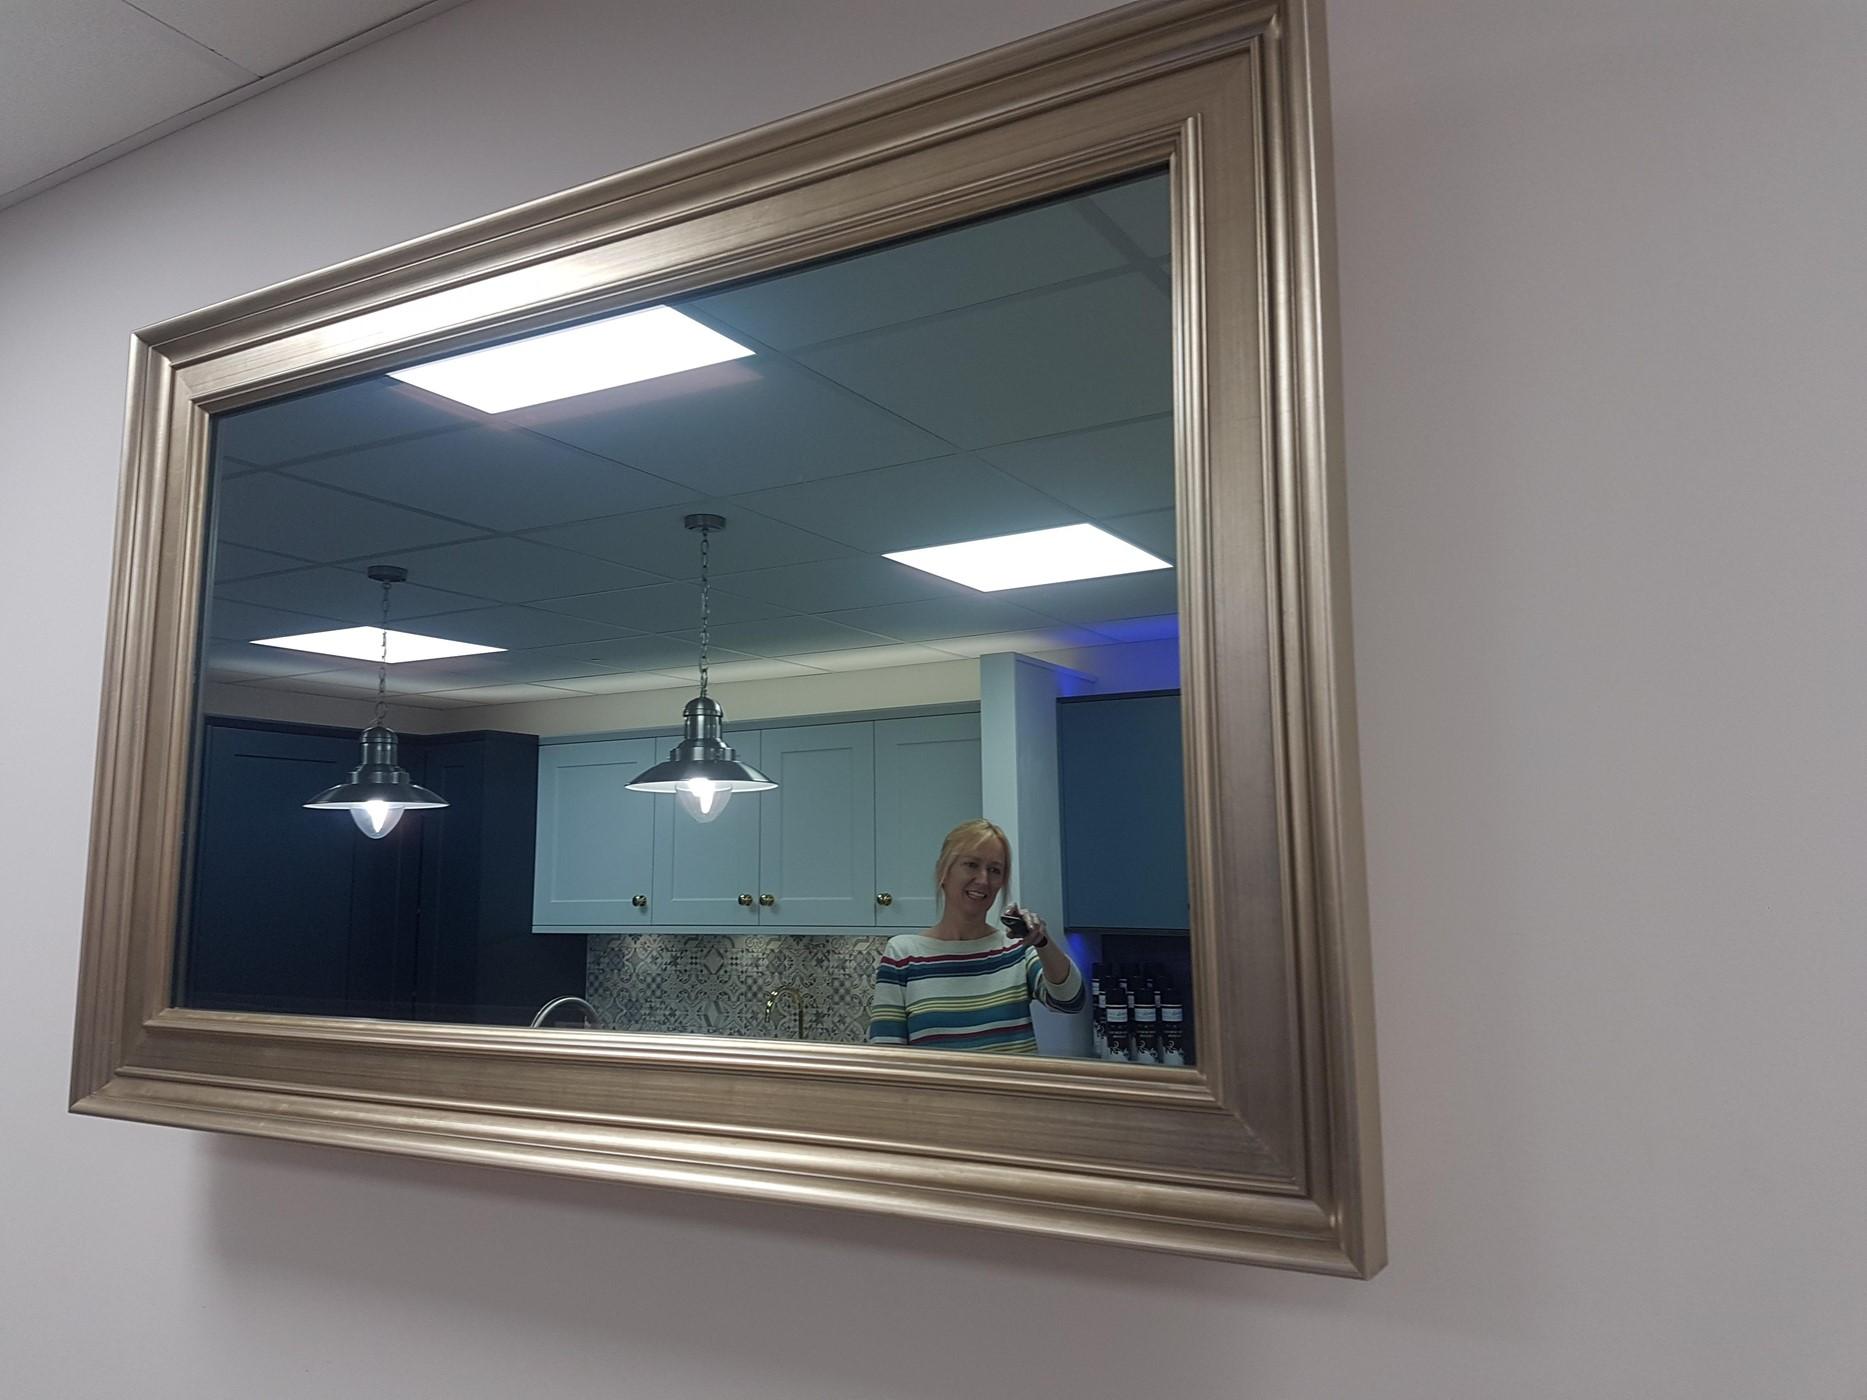 mirrored tvs